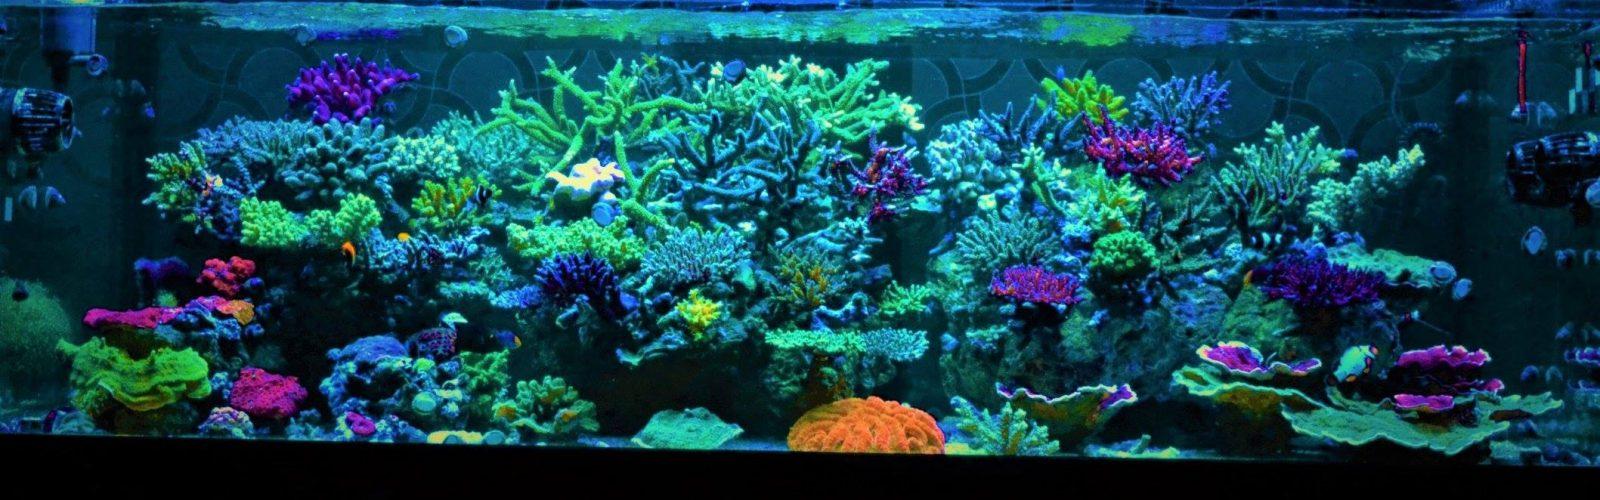 bästa akvarium LED-ljus 2020